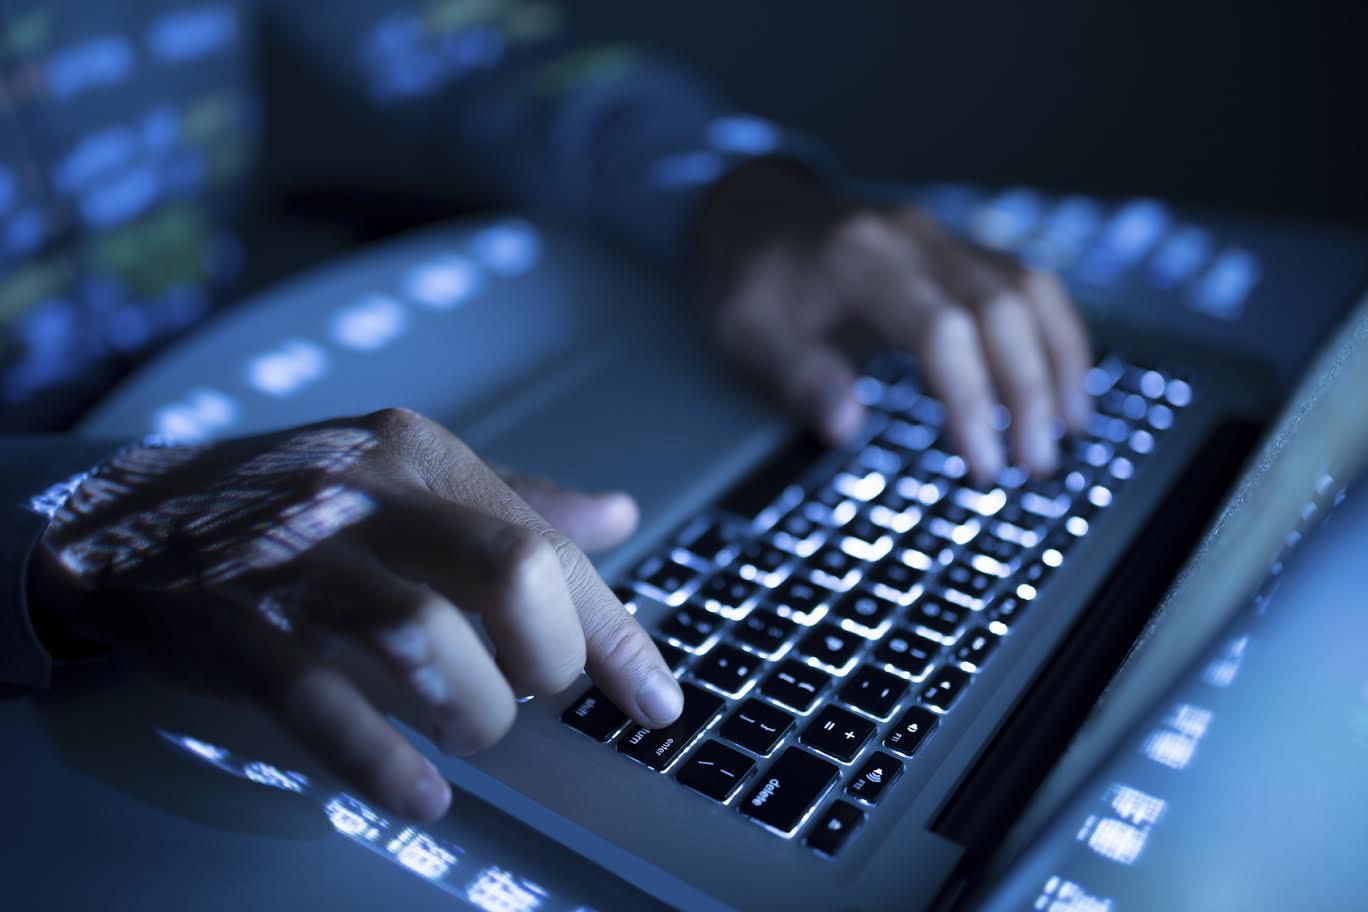 Hacker de Macau procurado pelos EUA especulou 9 milhões na bolsa